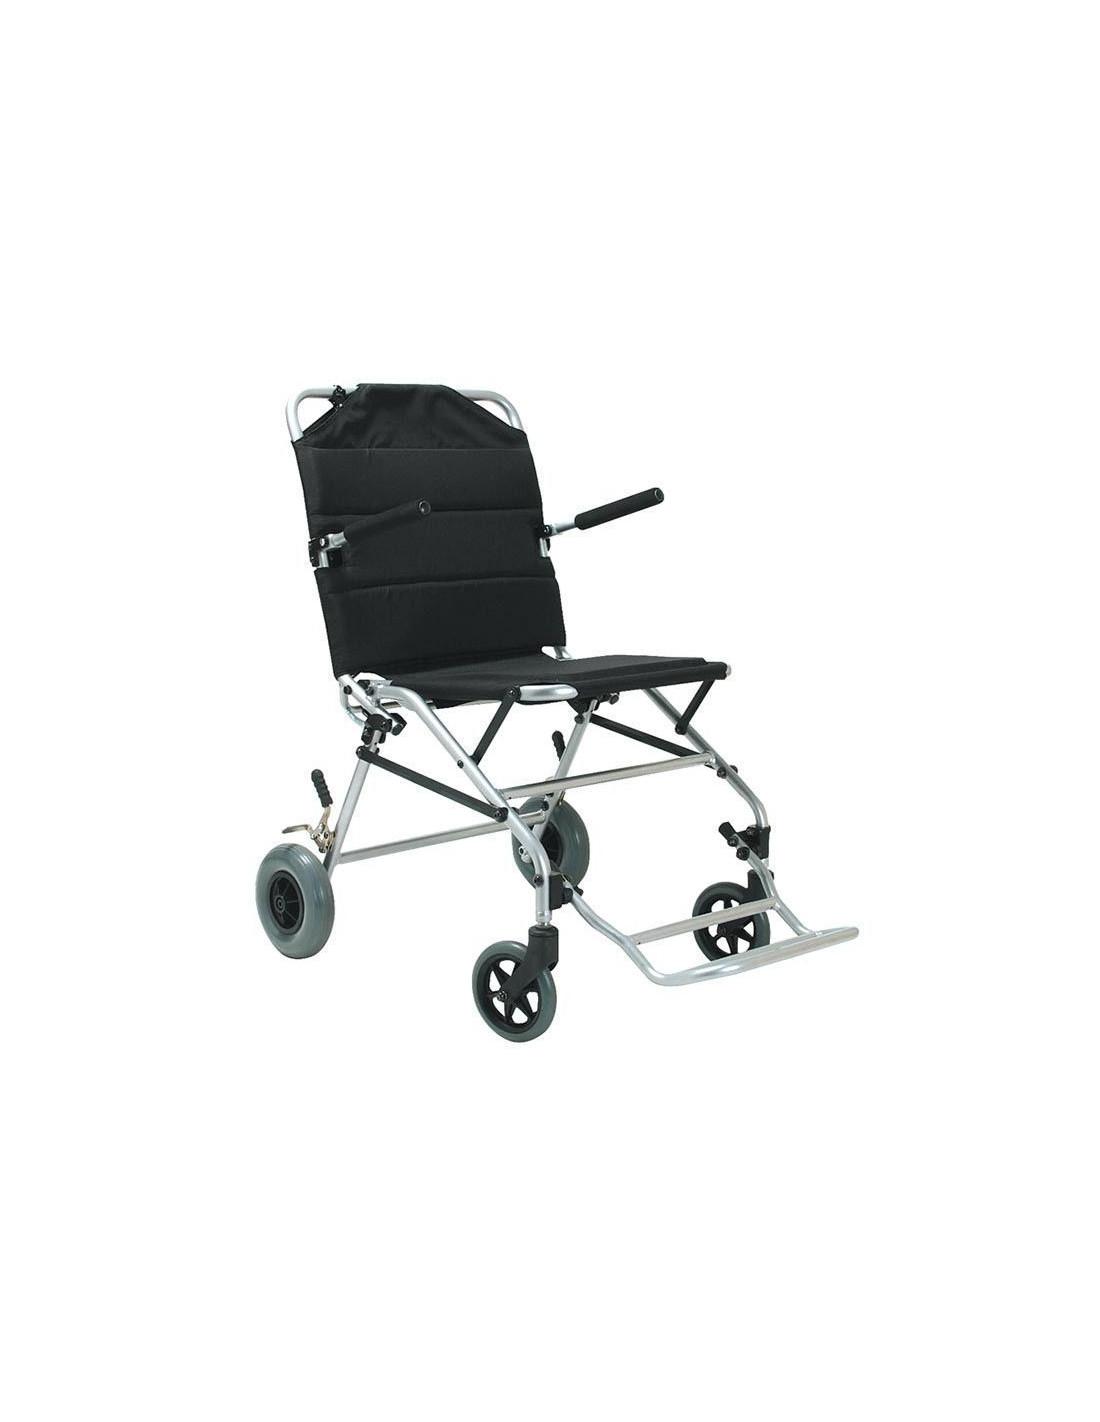 Silla de ruedas de traslado ligera compact - Sillas de ruedas de traslado ...